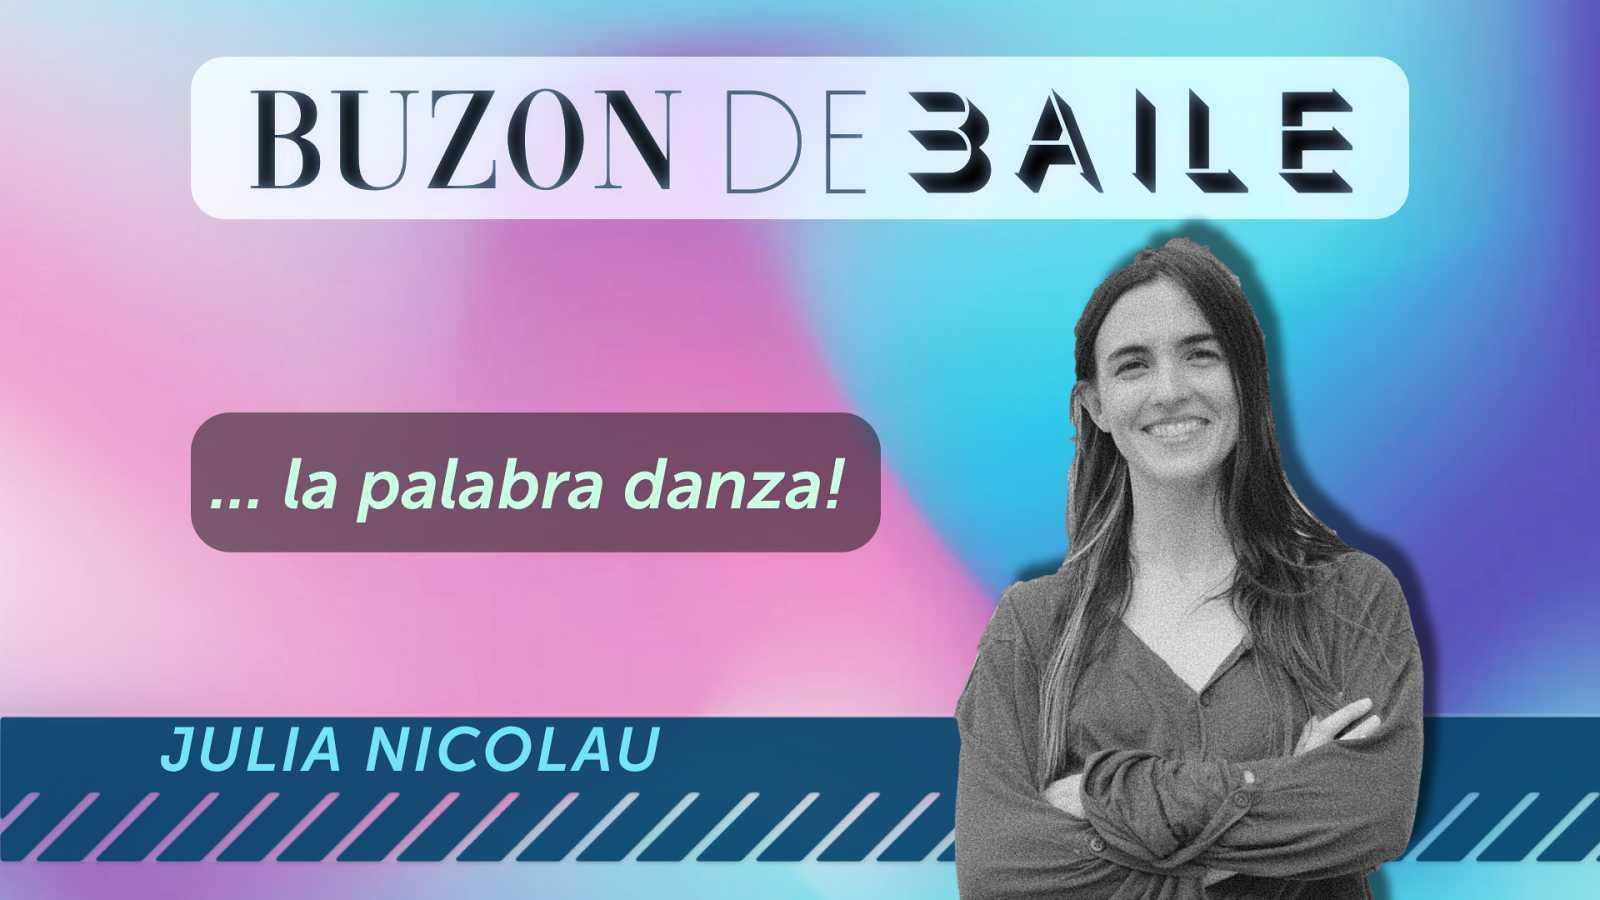 Buzón de baile - ALBOROZO - 16/09/21 - Ver ahora